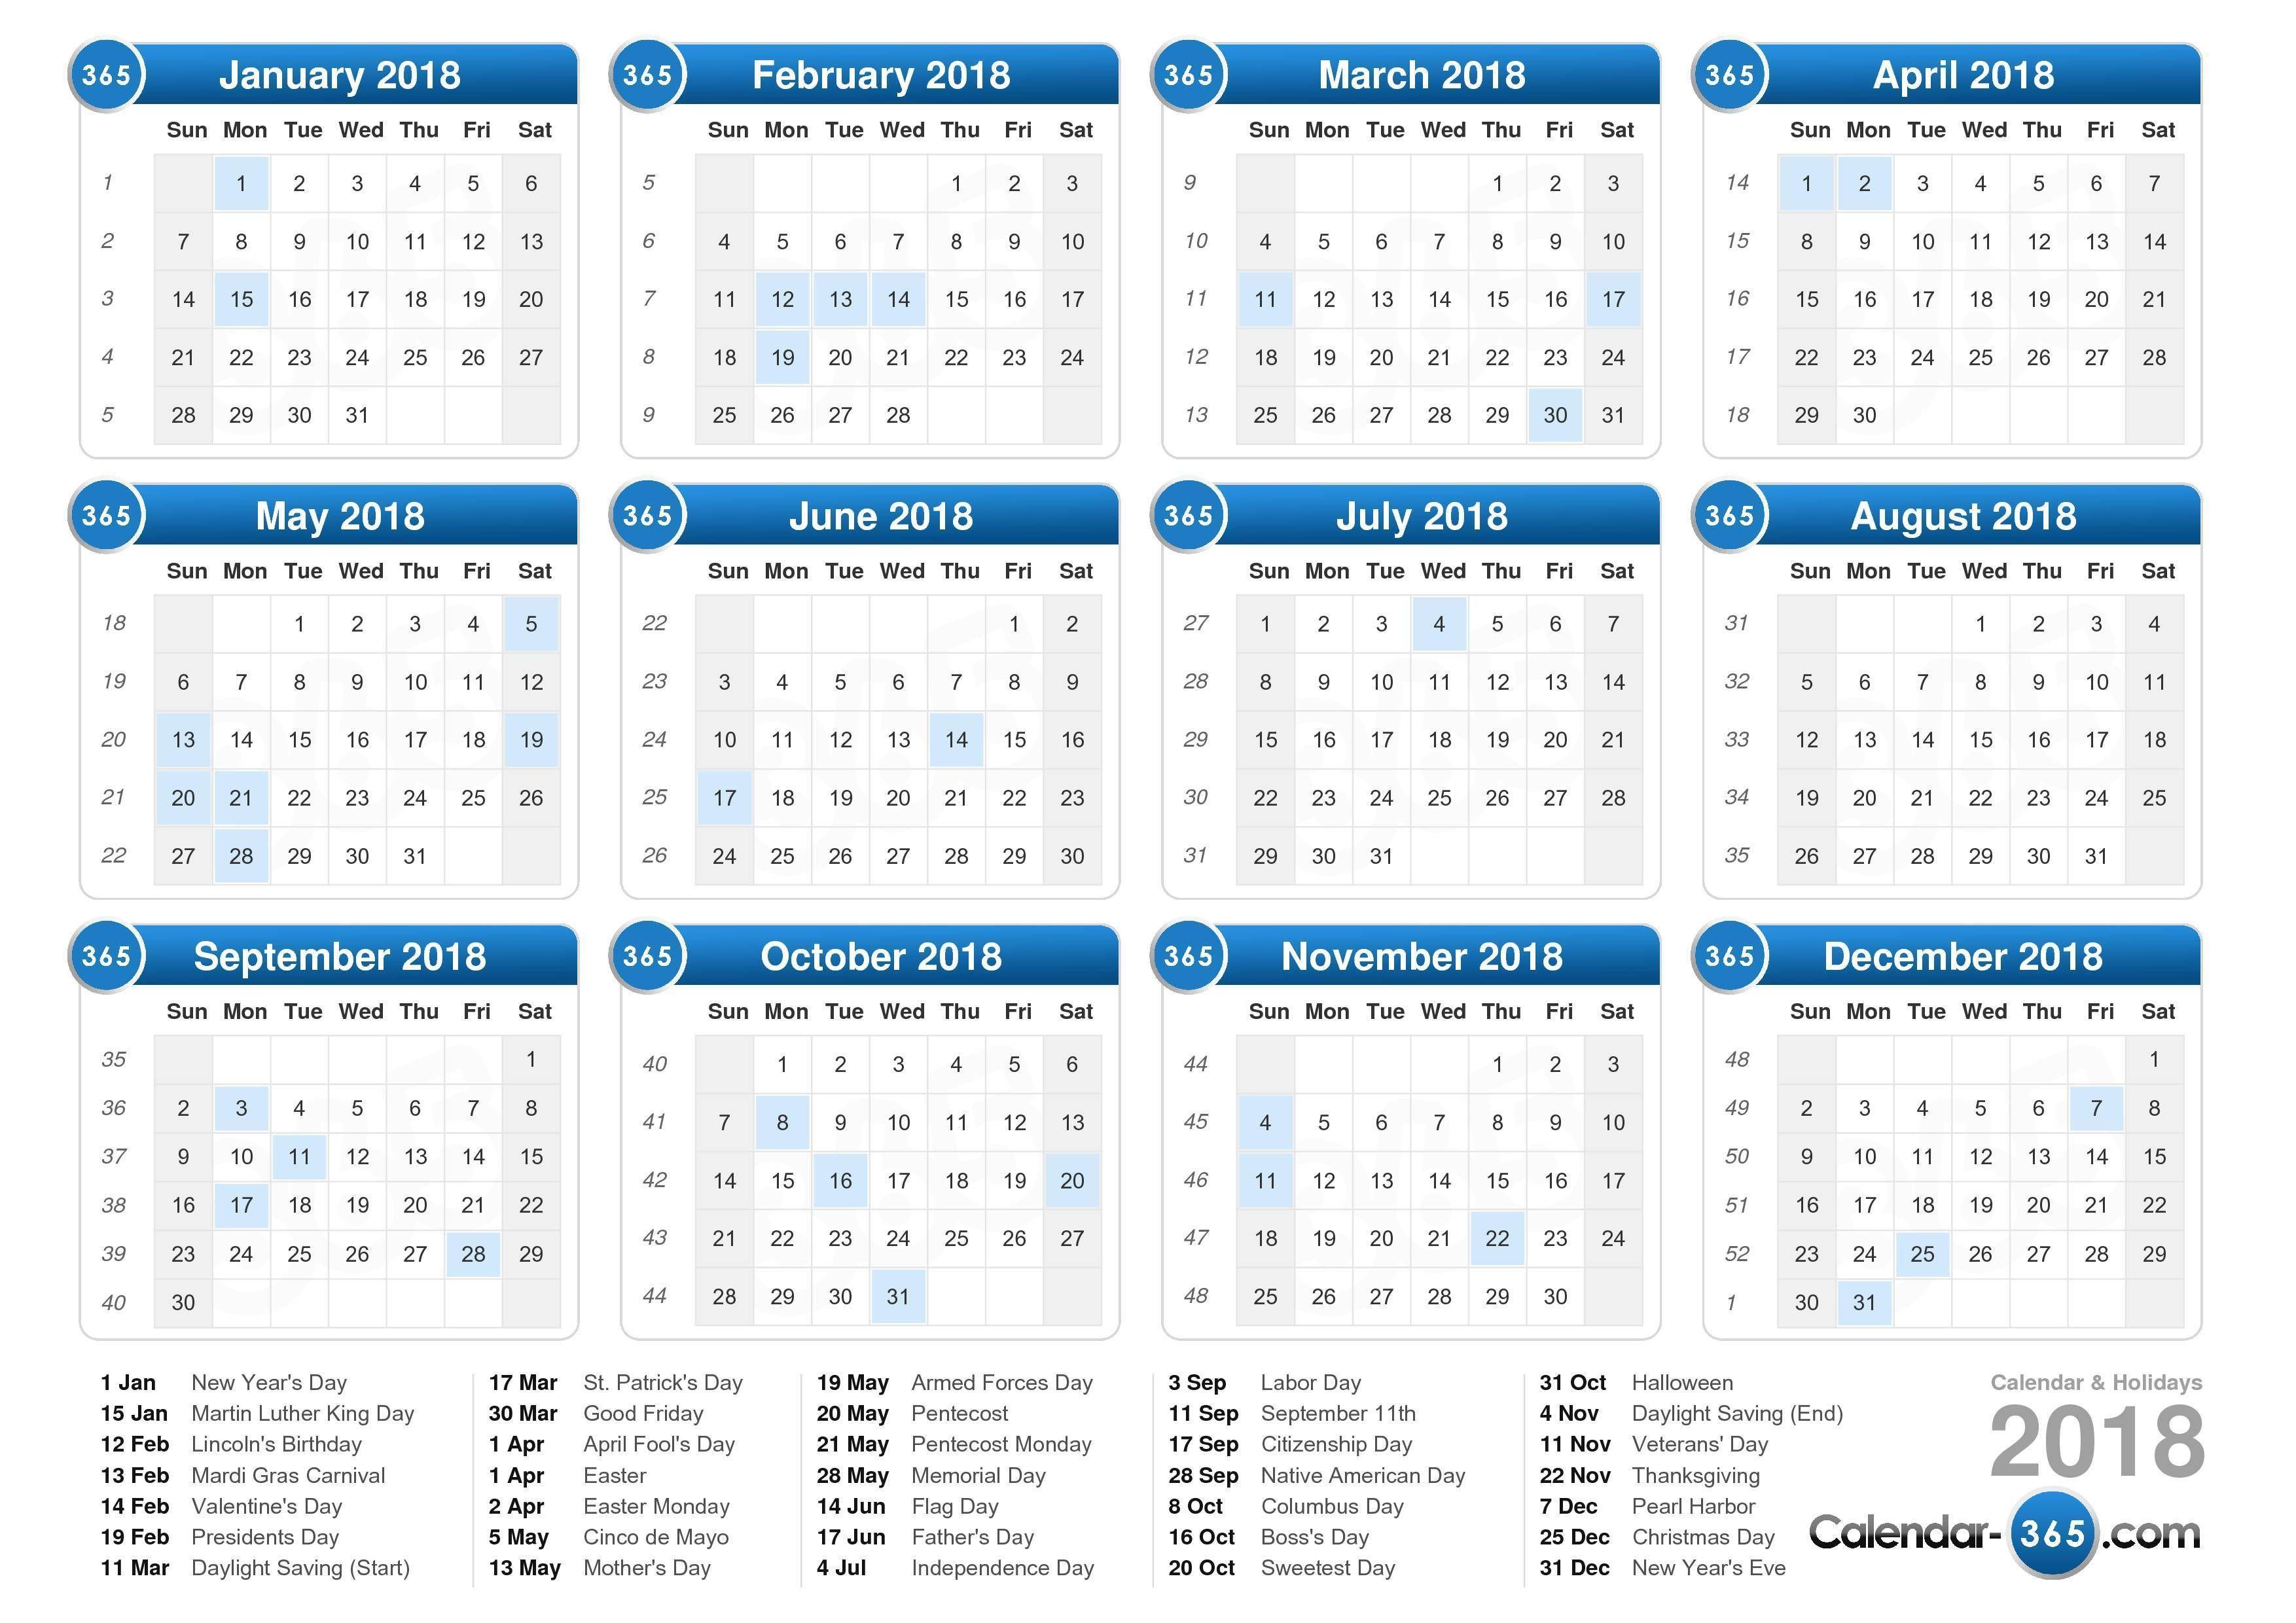 2018 Calendar Kalender 2018 Kalender Druckvorlagen Kalender